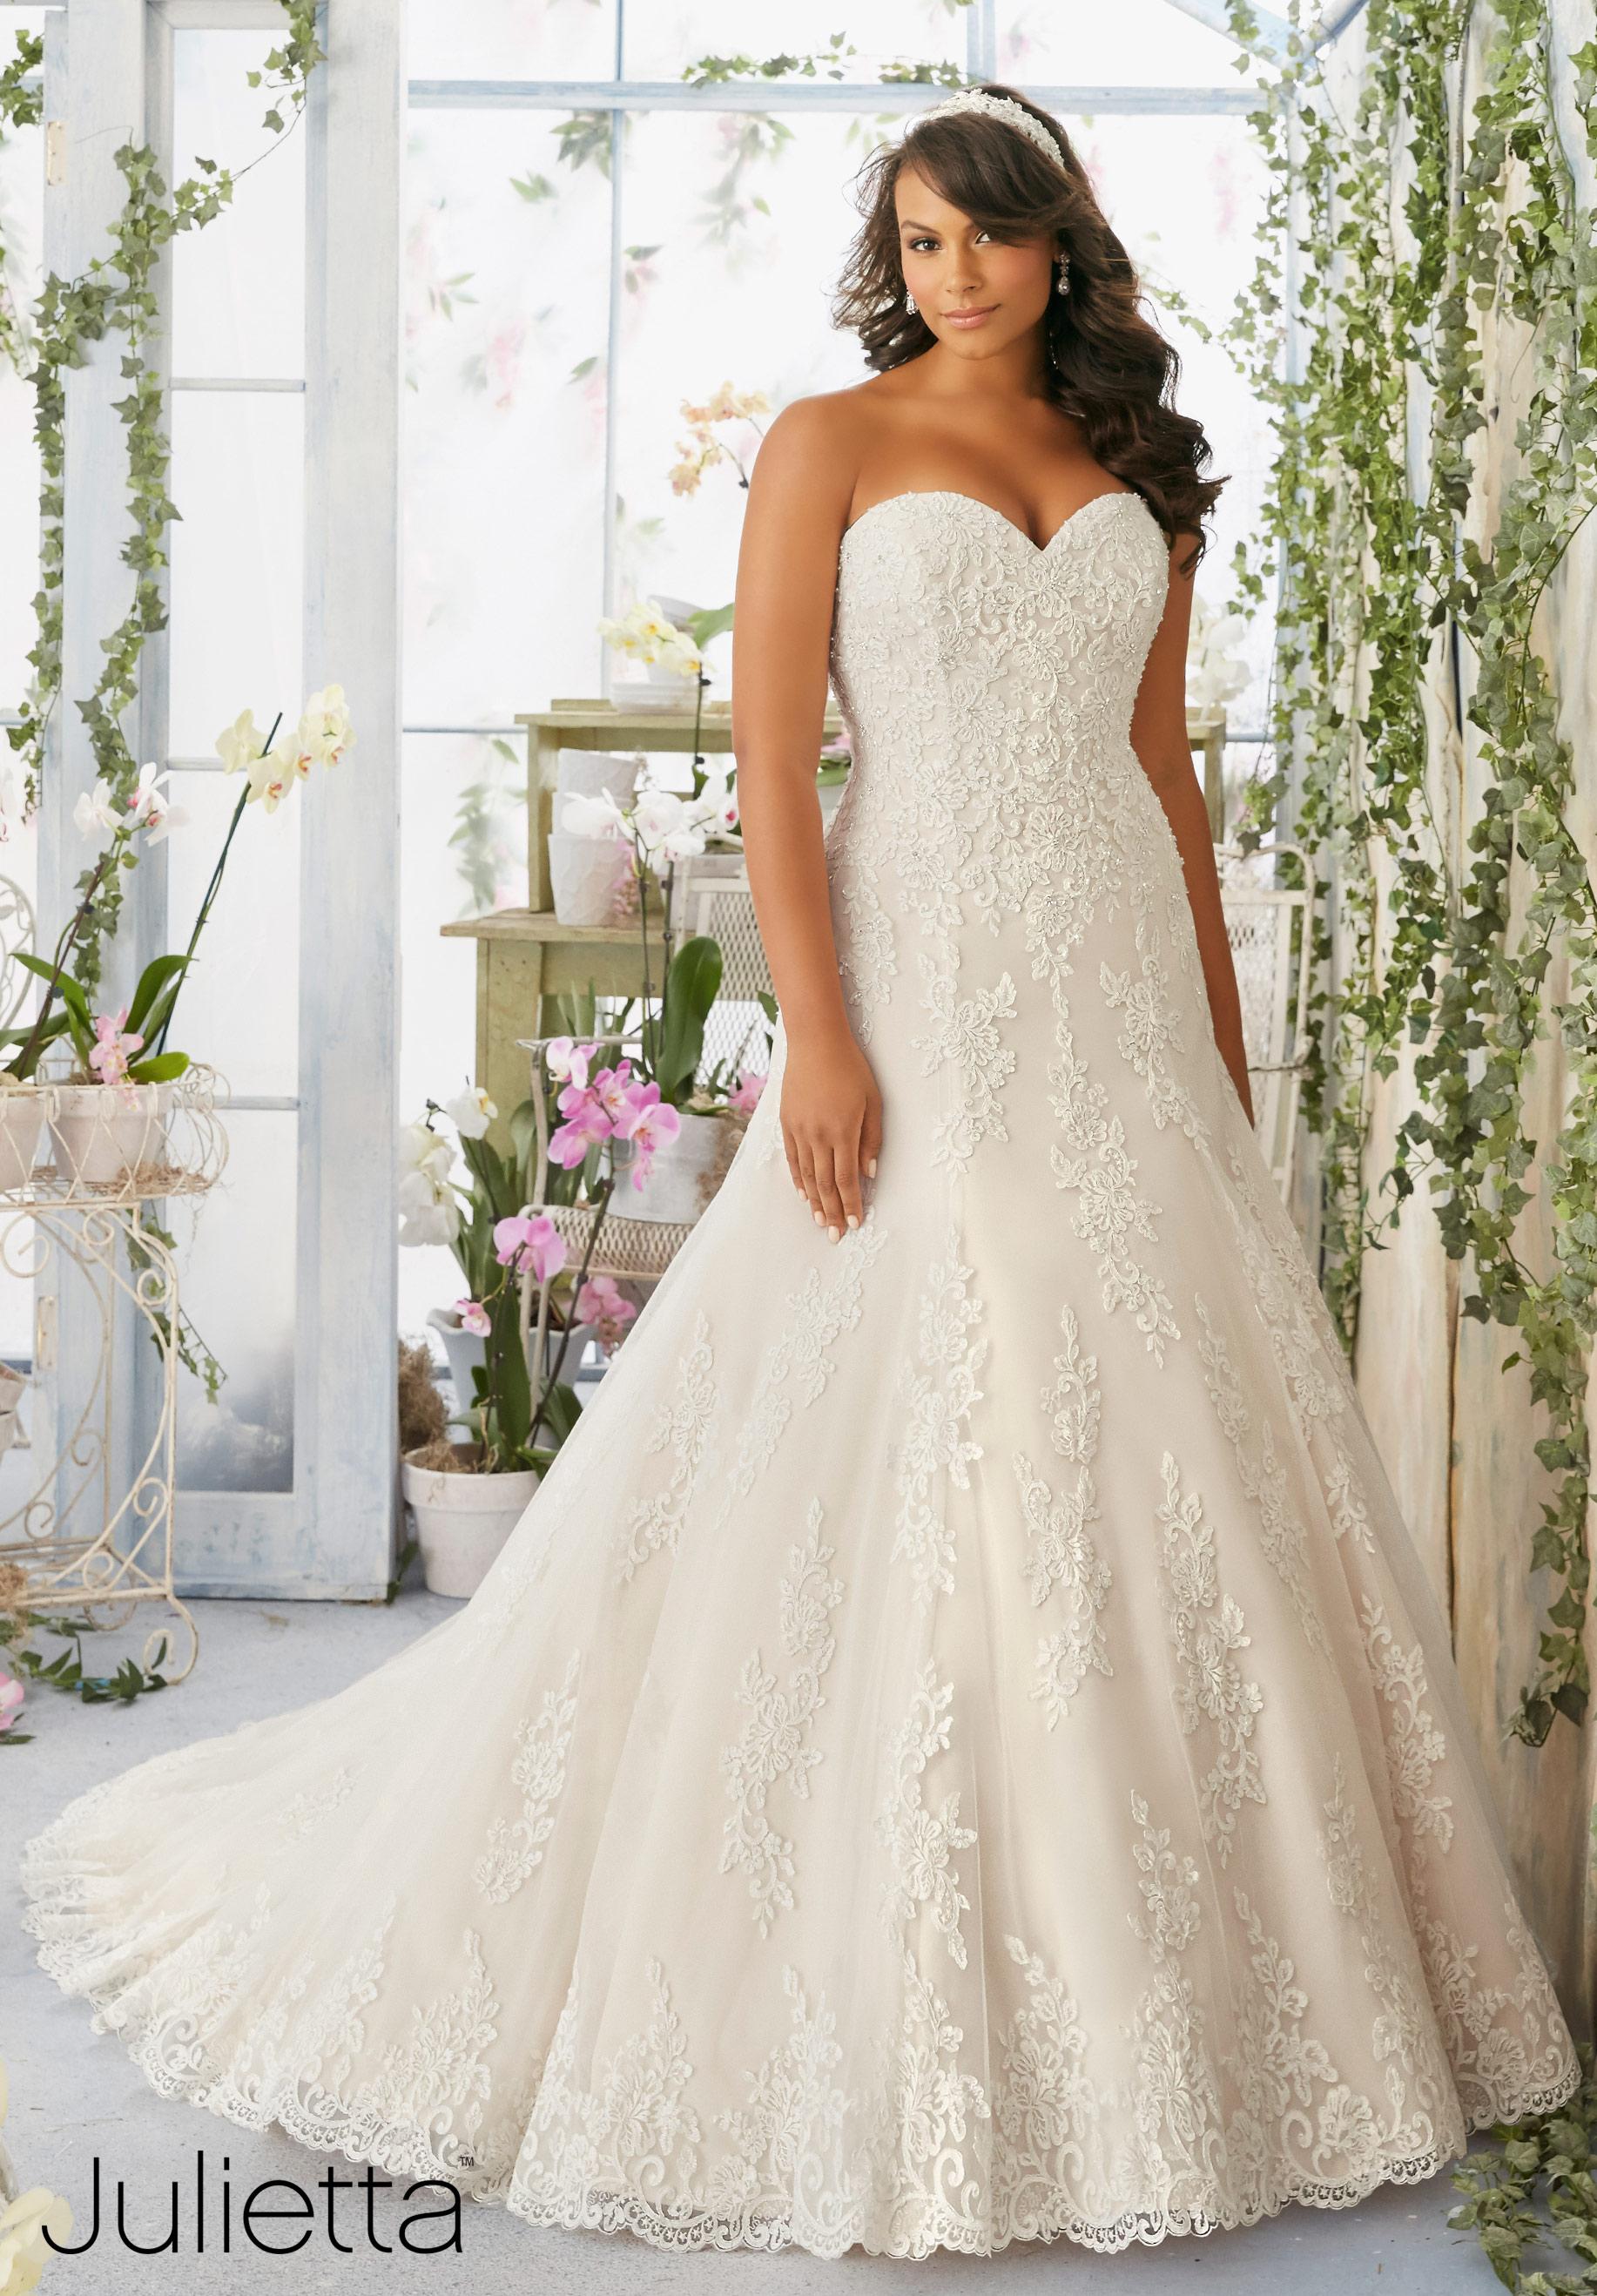 plus size wedding gowns mori lee julietta collection plus size wedding gowns plus size bridal gown